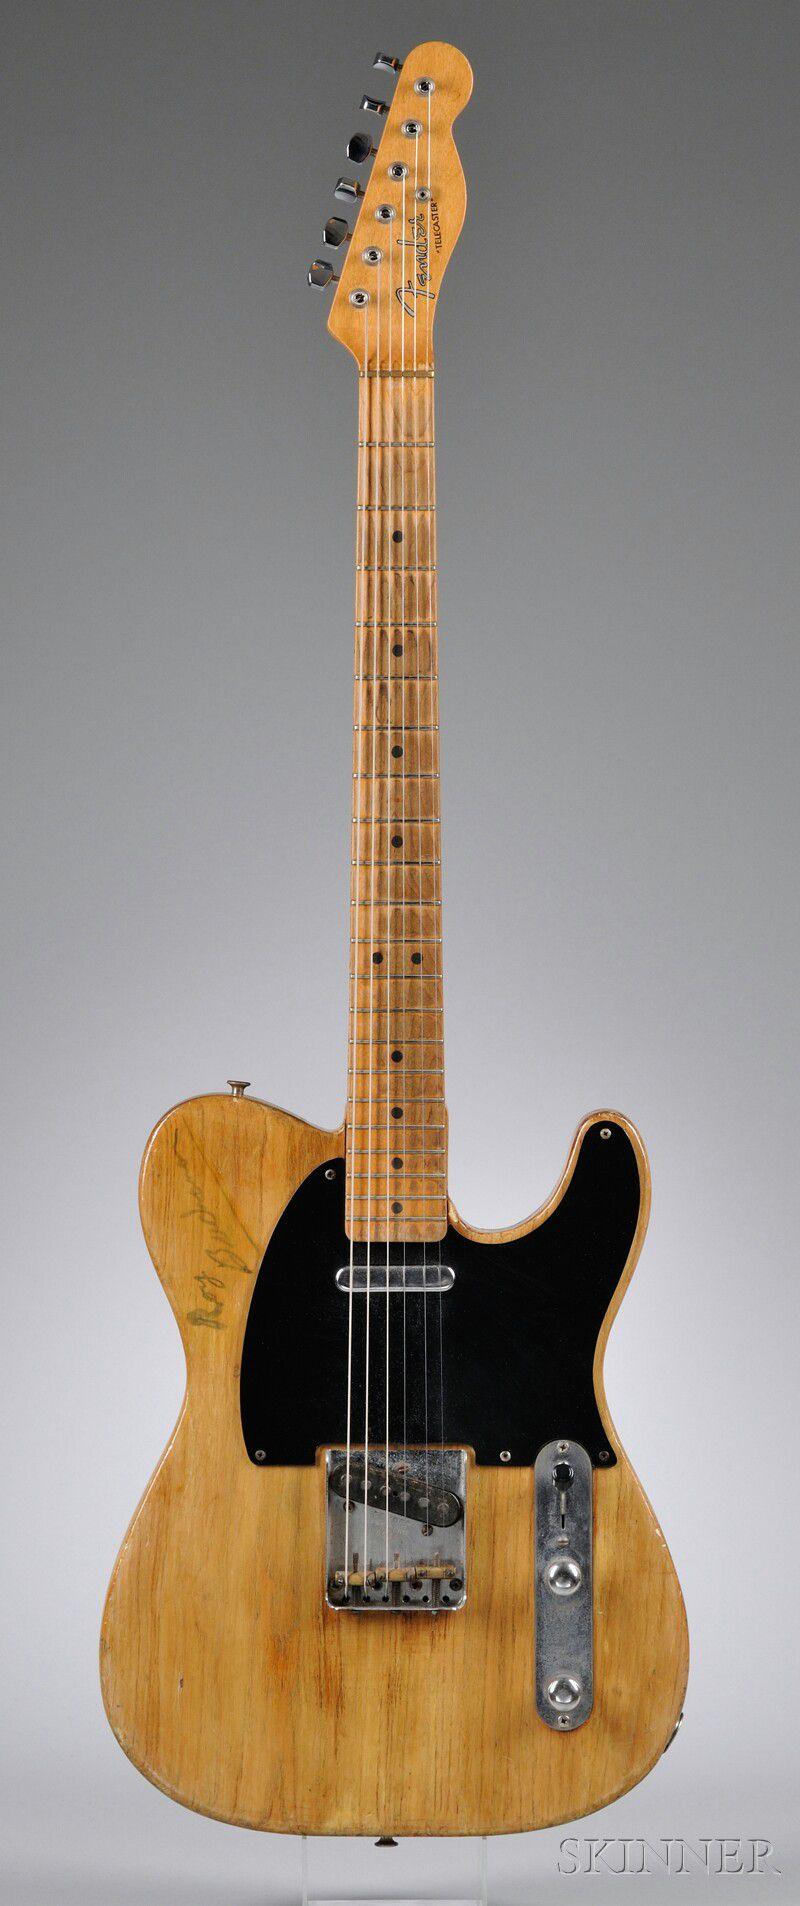 american electric guitar fender electric instruments fullerton 1952 67 model telecaster. Black Bedroom Furniture Sets. Home Design Ideas